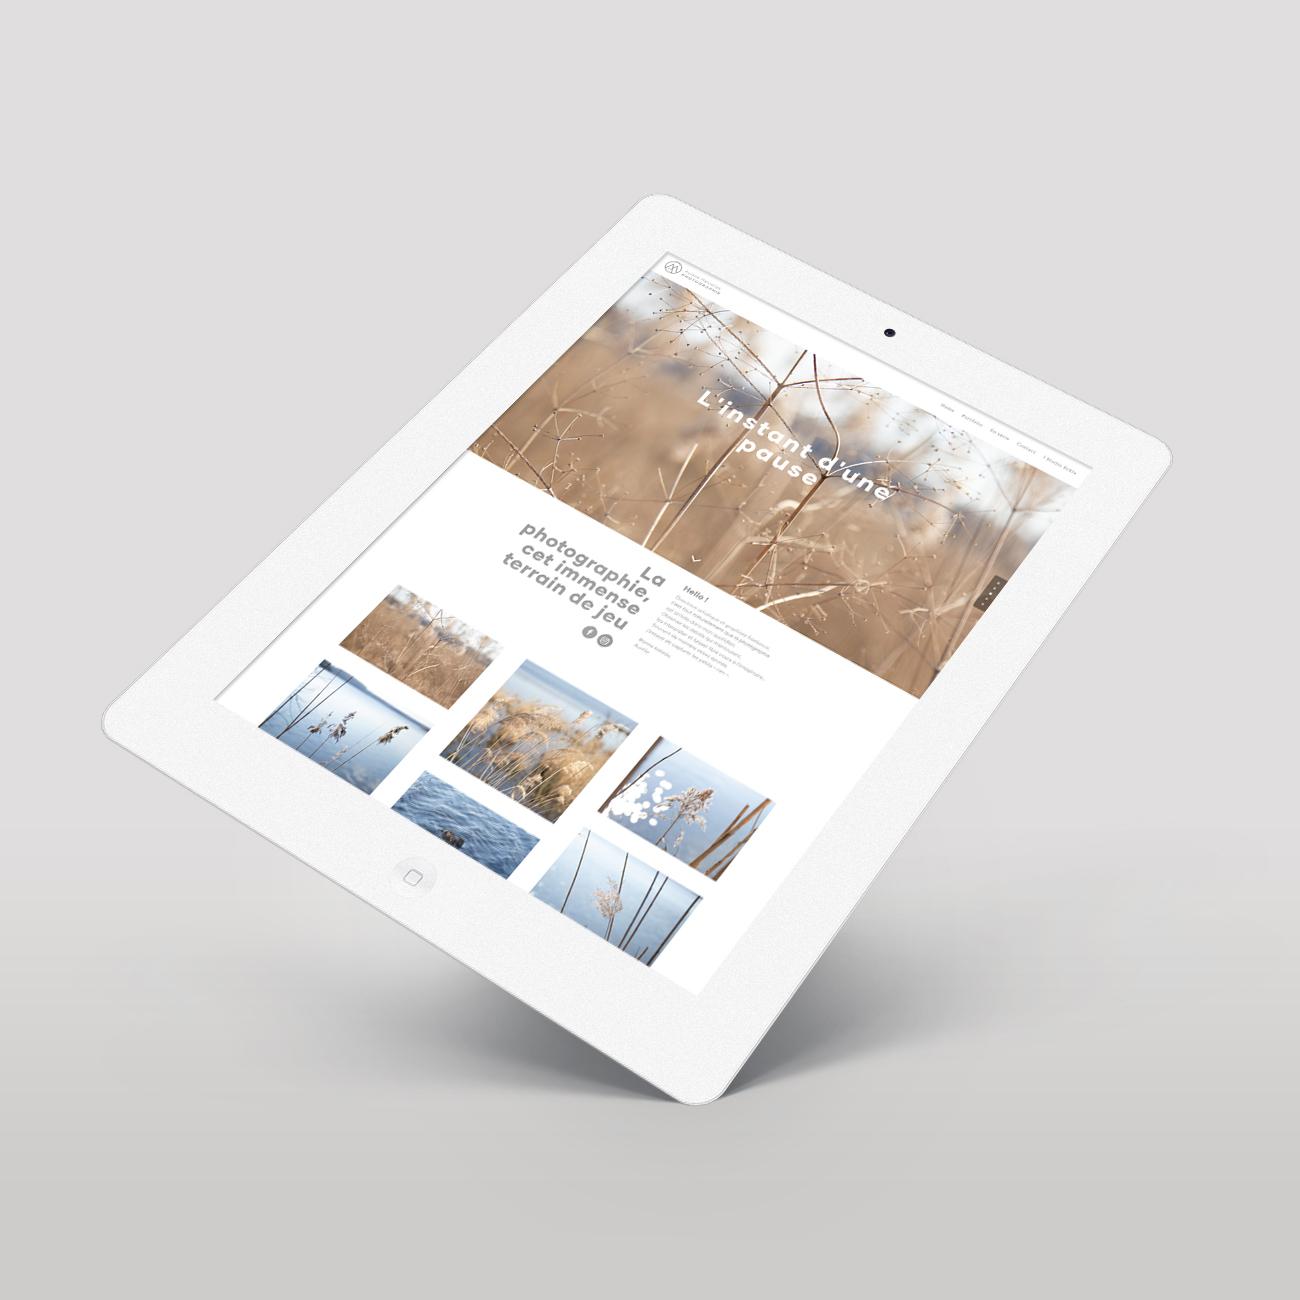 Studio Eckla - Aurélie Marcellak | Conception et réalisation du site internet Aurélie Marcellak Photographie